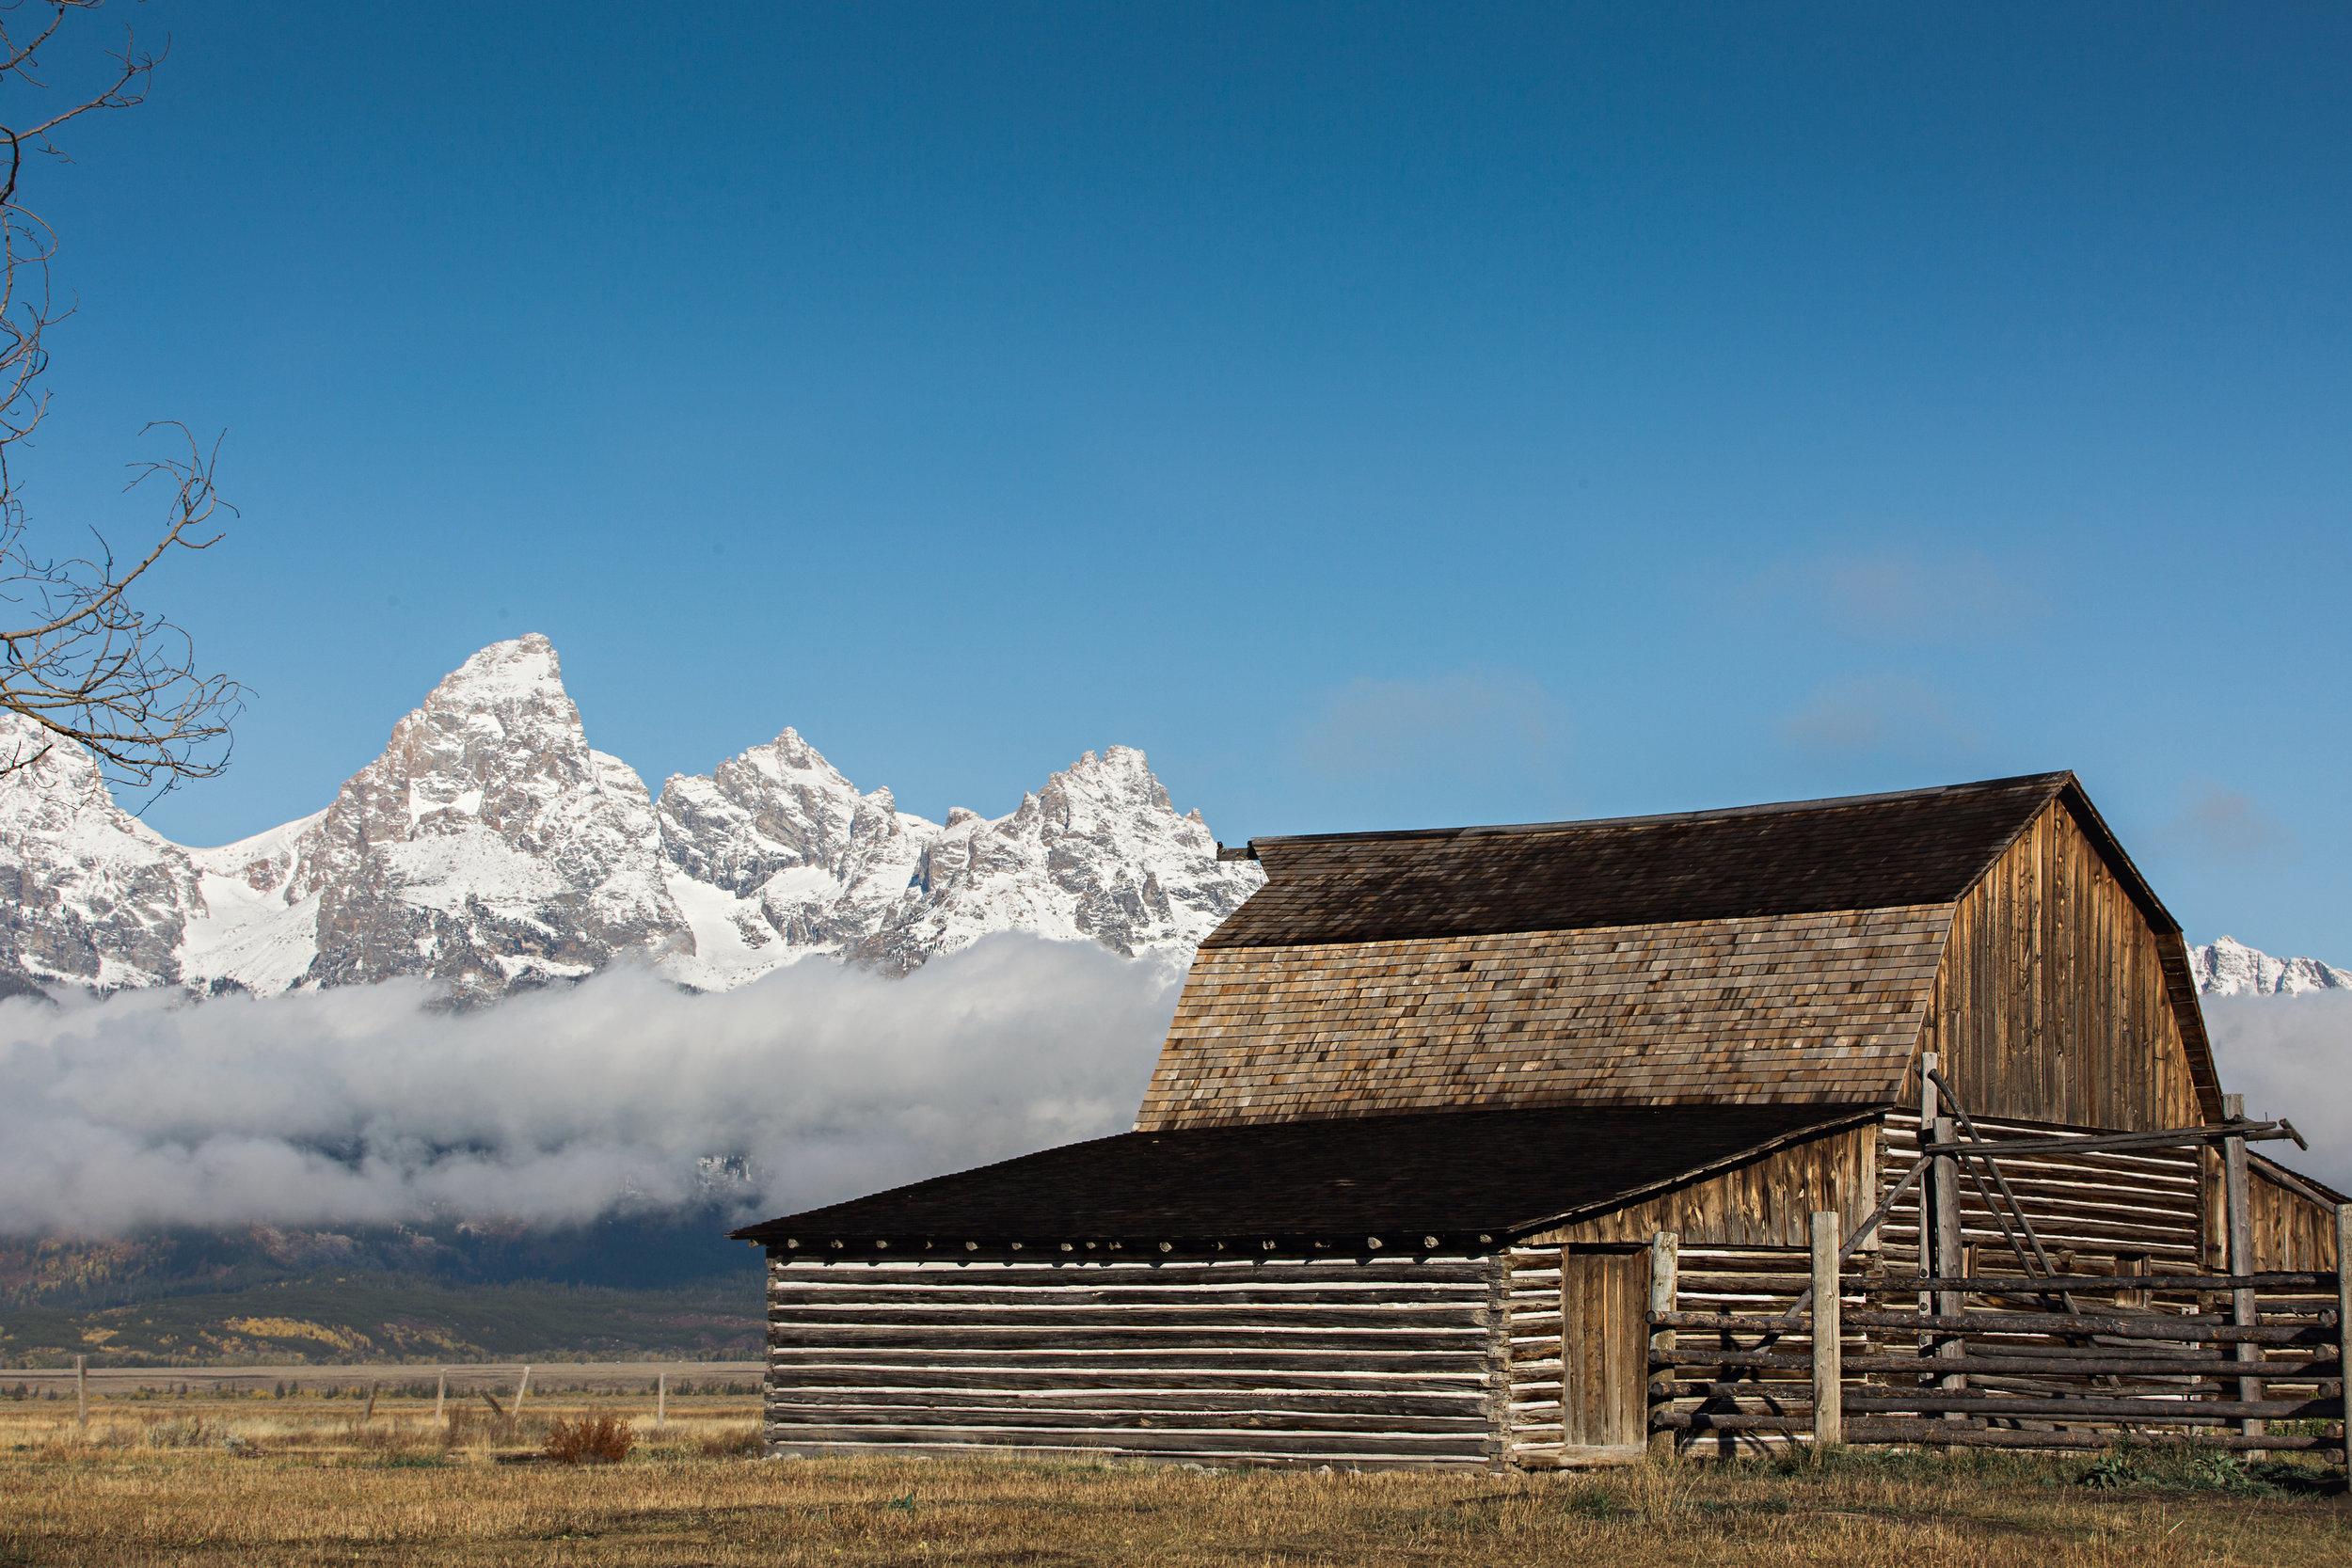 CindyGiovagnoli_Grand_Teton_National_Park_mountains_Bison_Autumn_Wyoming_Mormon_Row_aspens_fall_outdoor_photographer-044.jpg